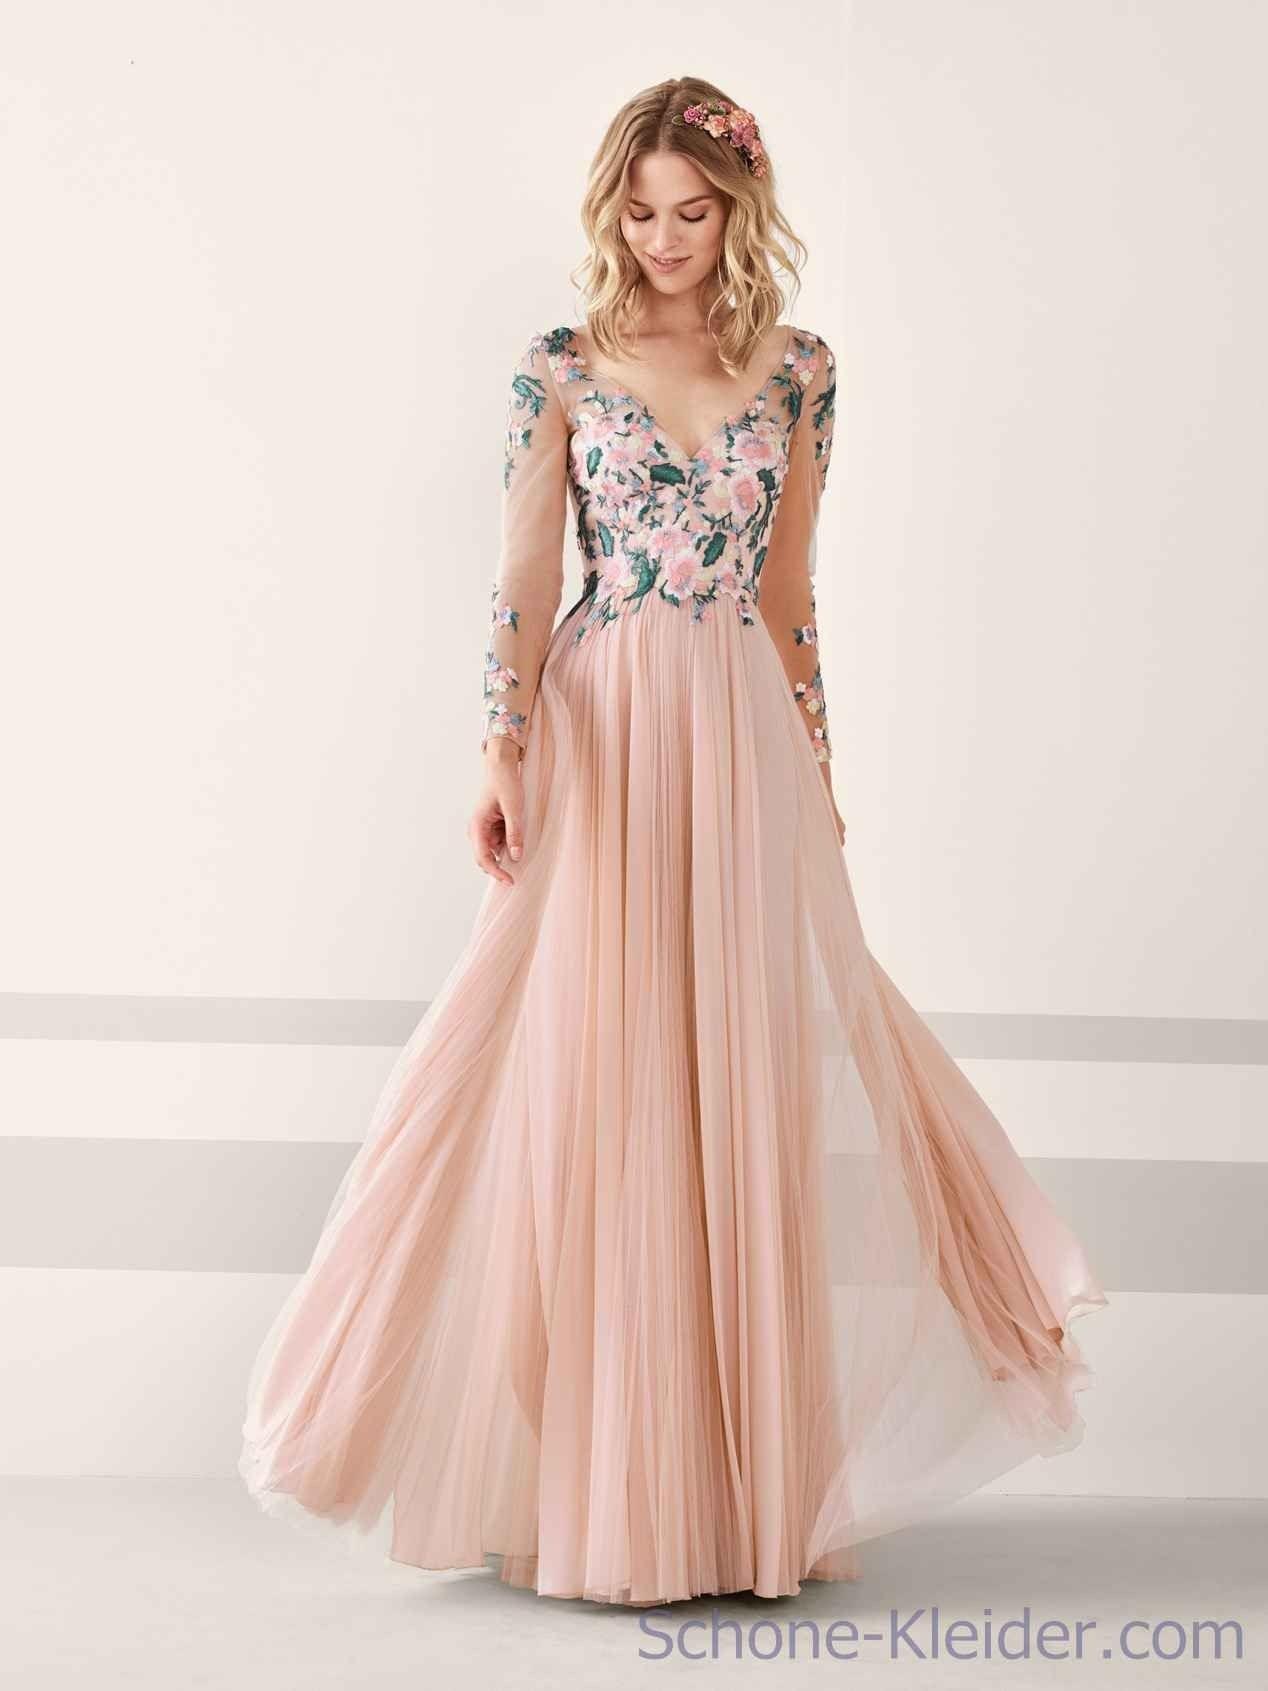 20 Wunderbar Schöne Lange Kleider Stylish20 Elegant Schöne Lange Kleider Stylish